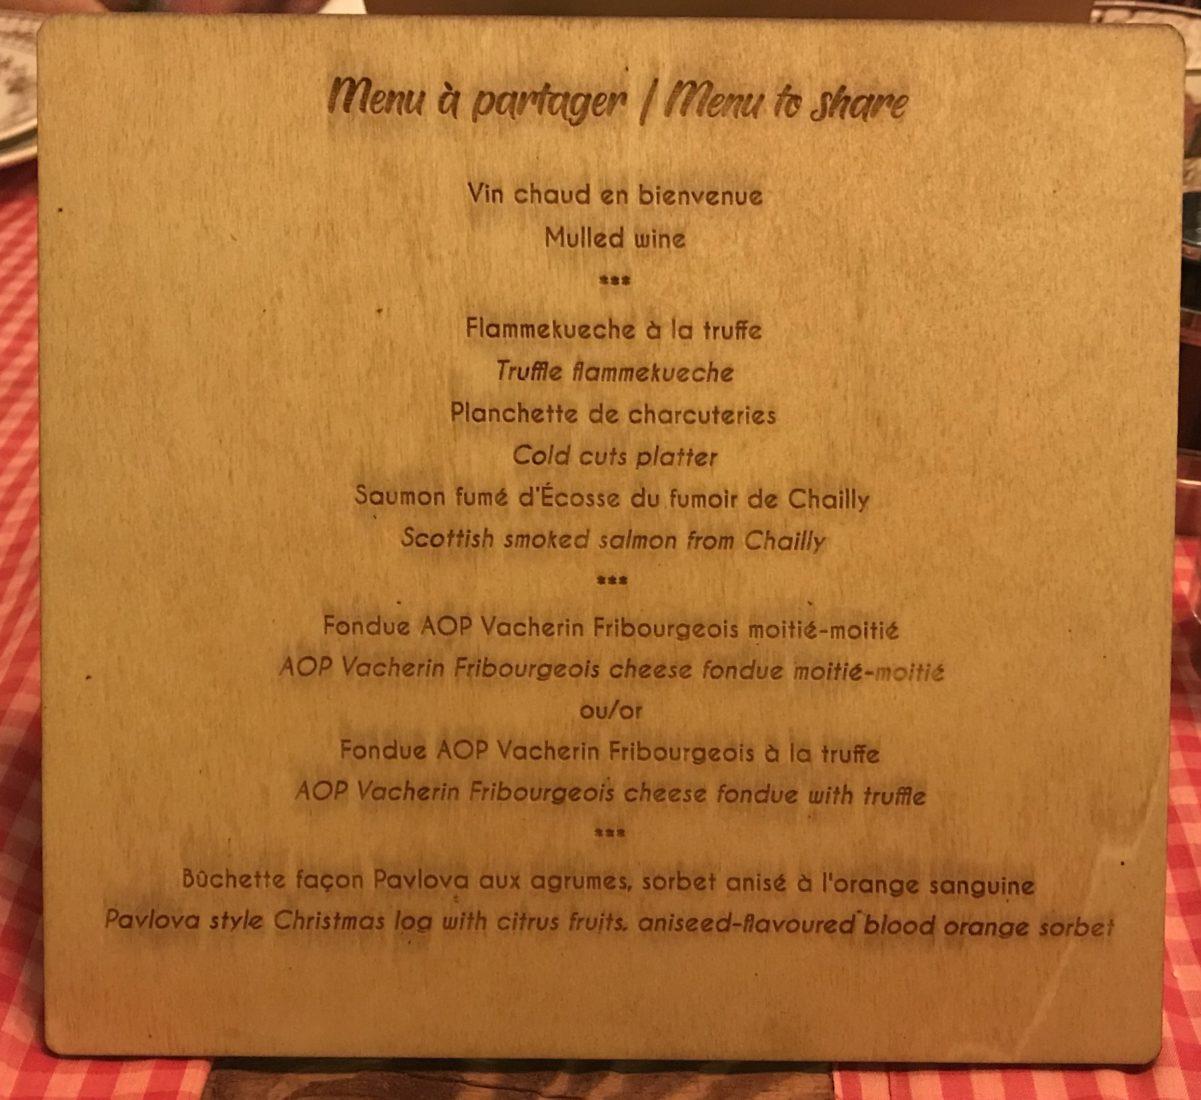 Fairmont Montreux Palace Jardin d'Hiver menu